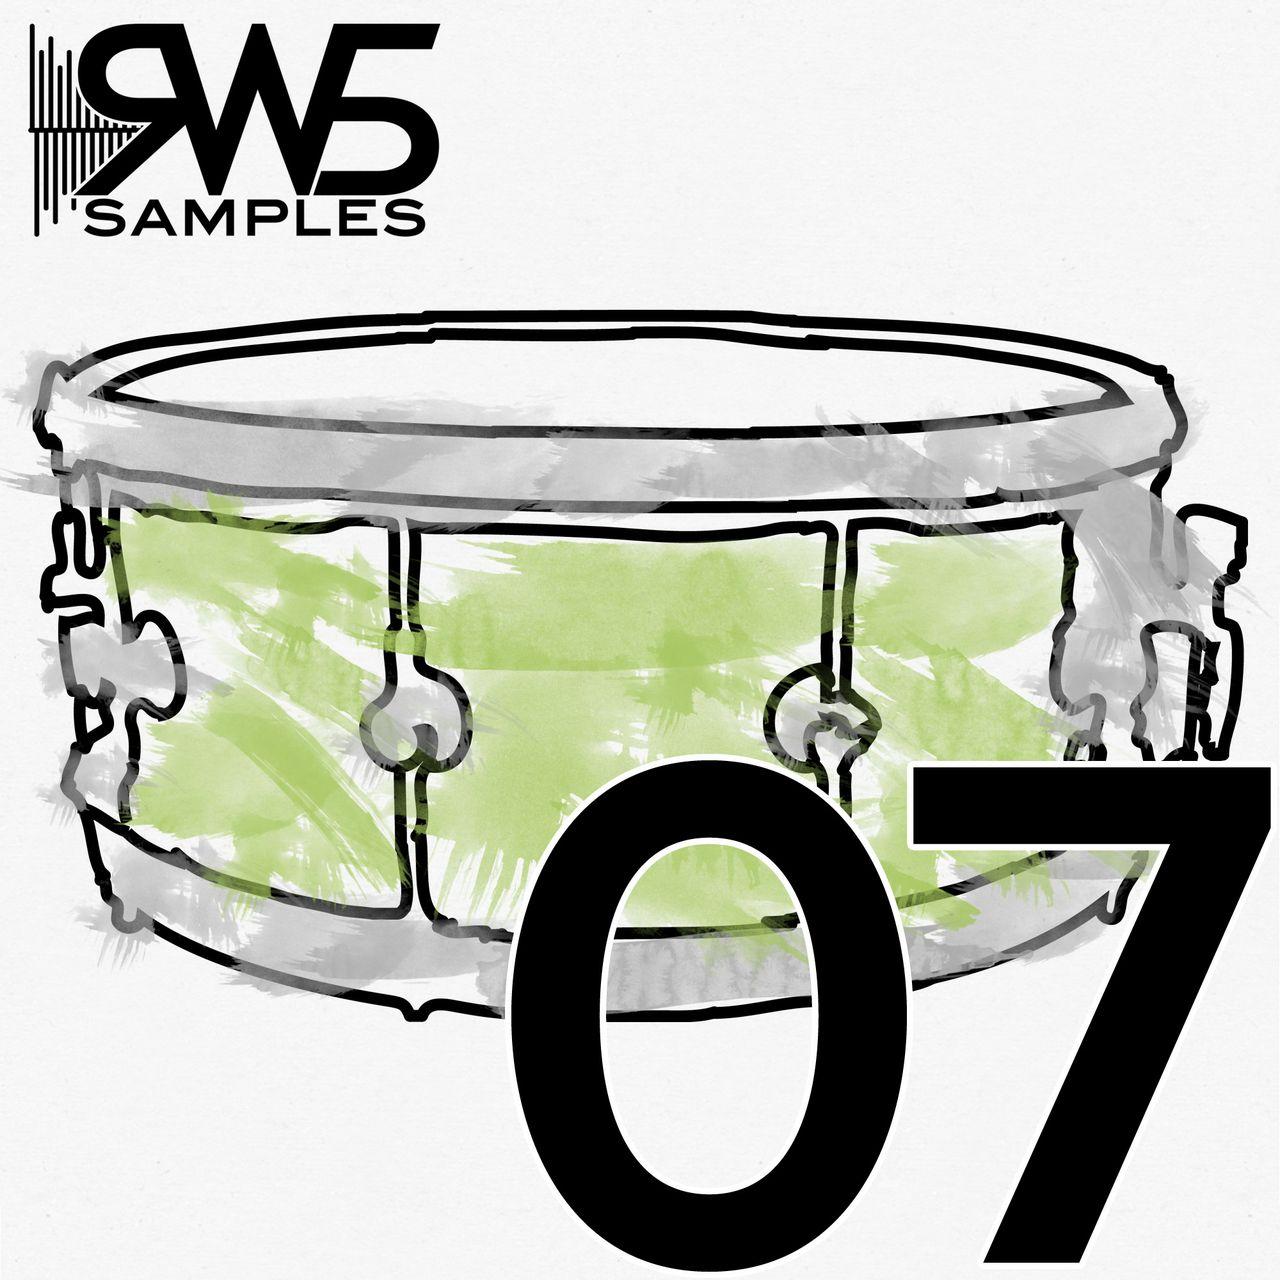 RW5 Snare 07